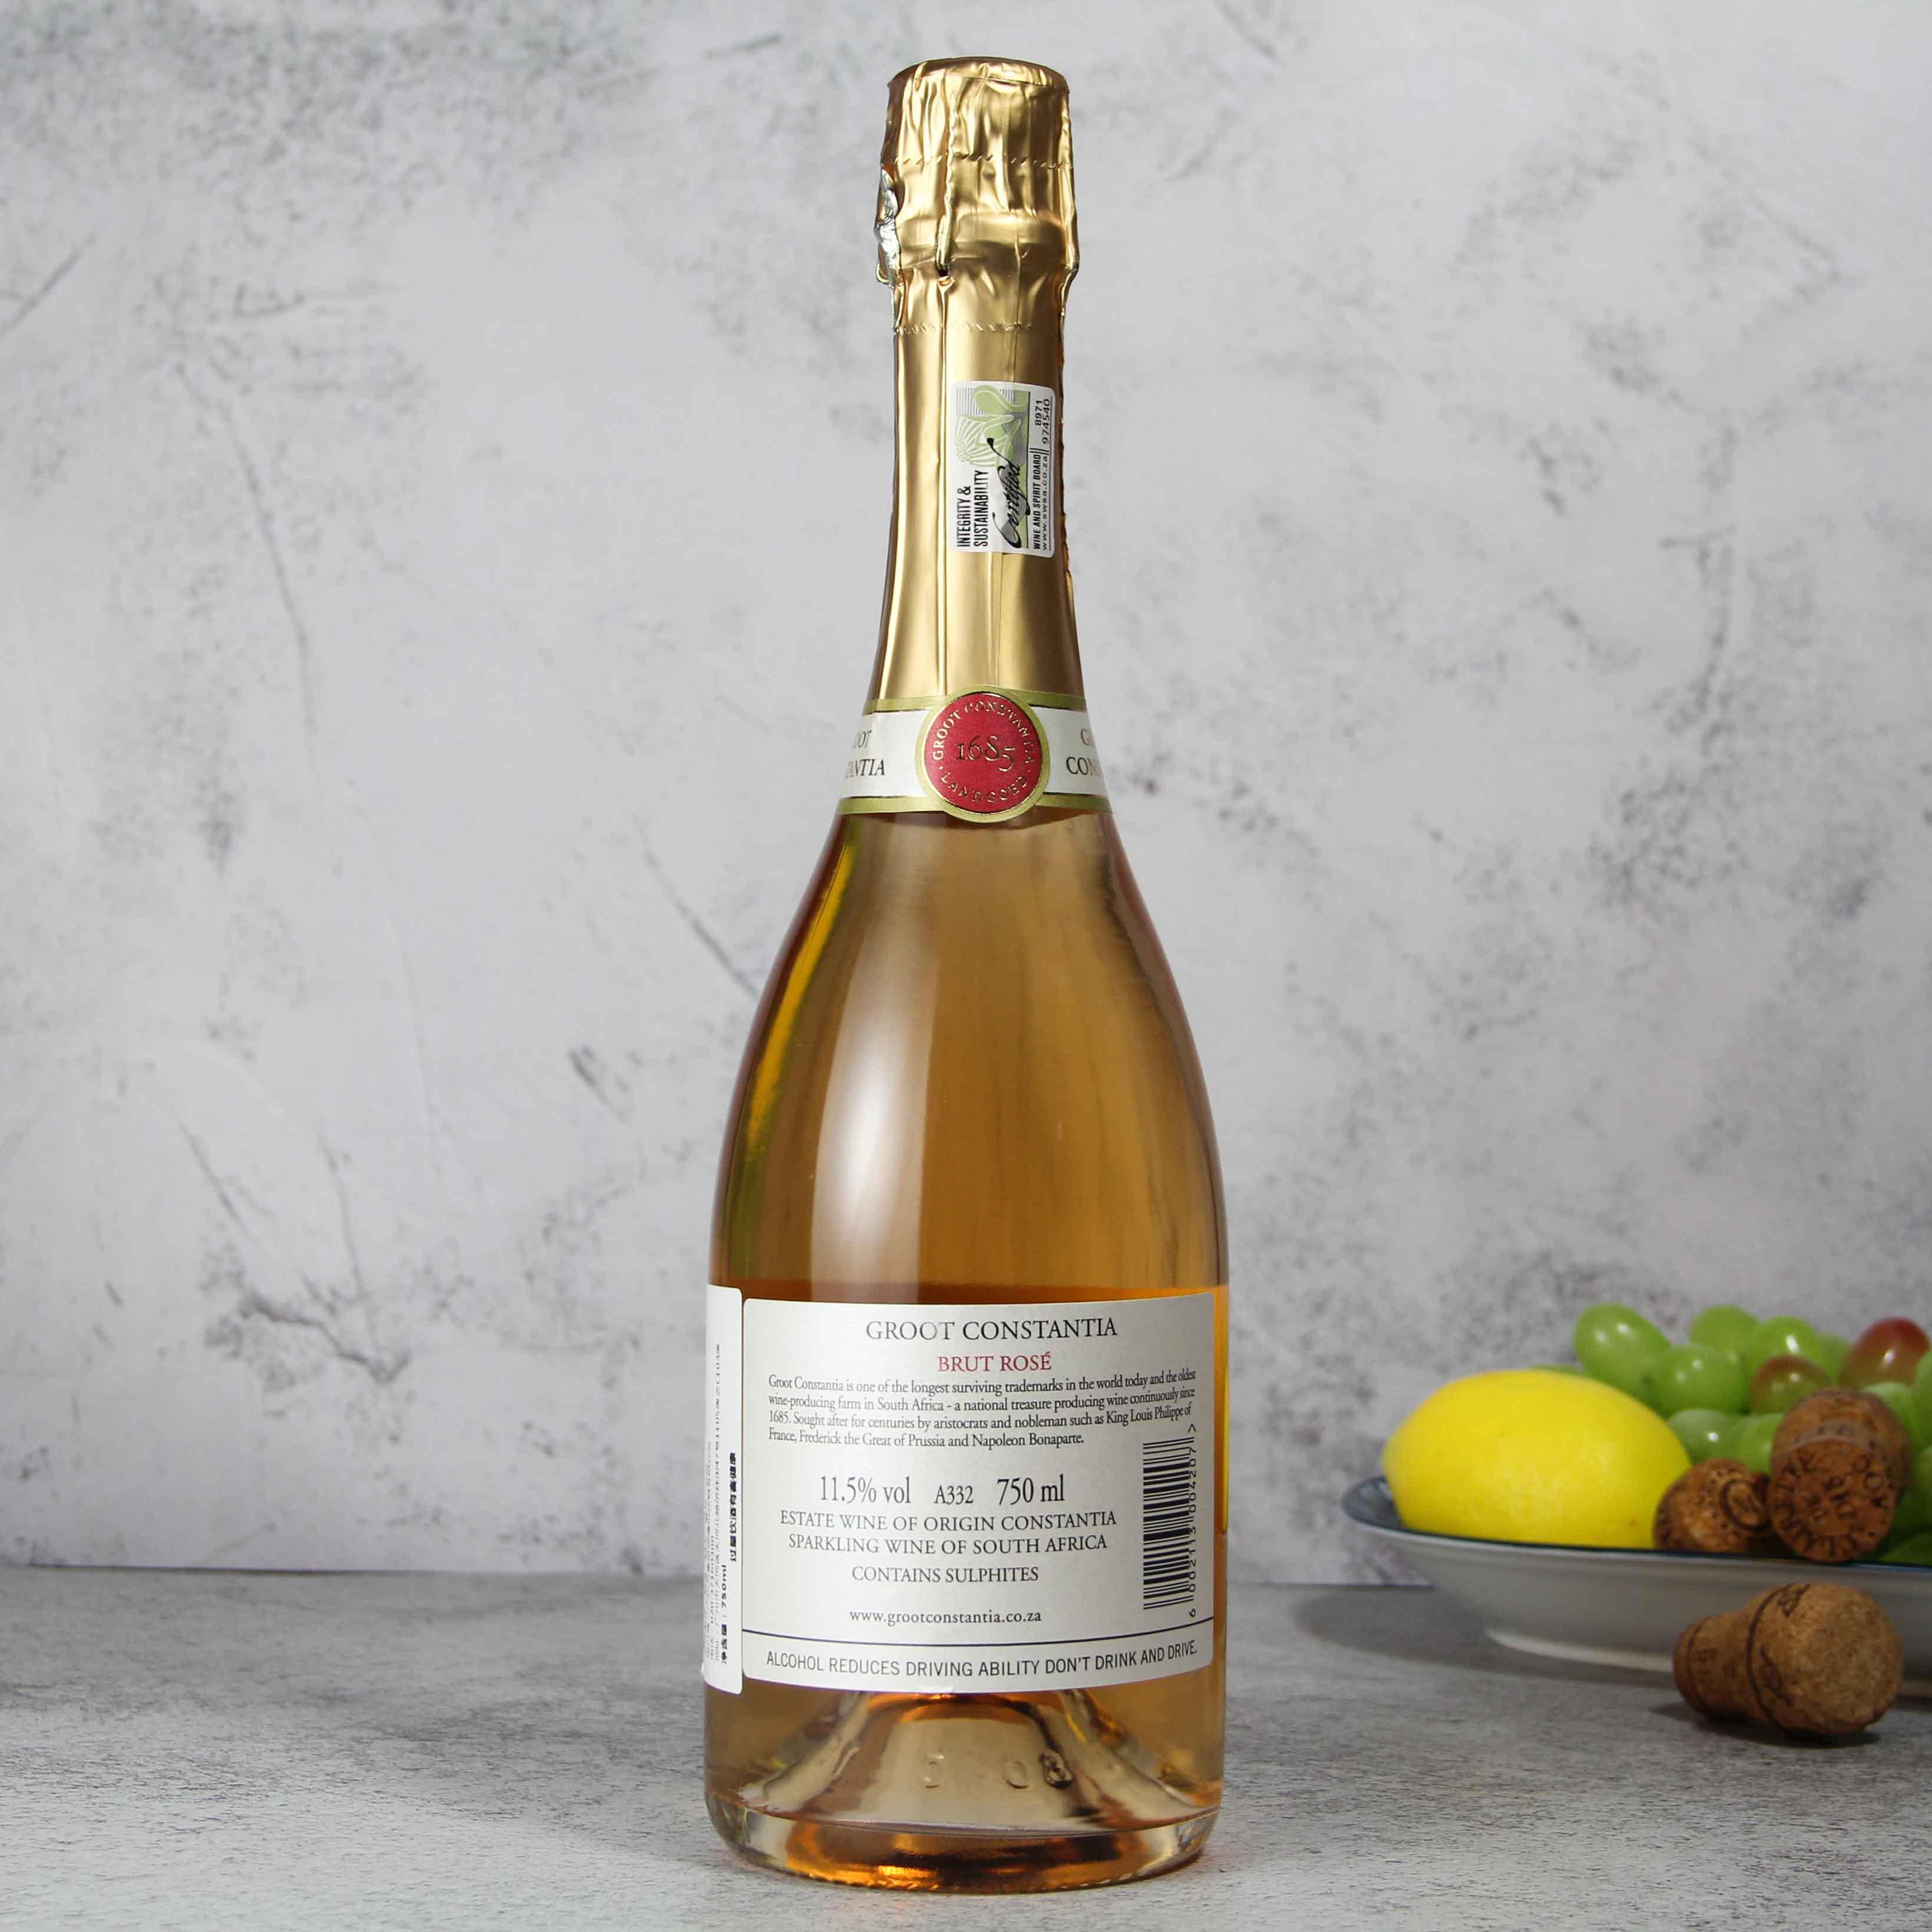 南非开普敦古特·康斯坦提亚酒庄气泡之吻帕丽罗起泡酒